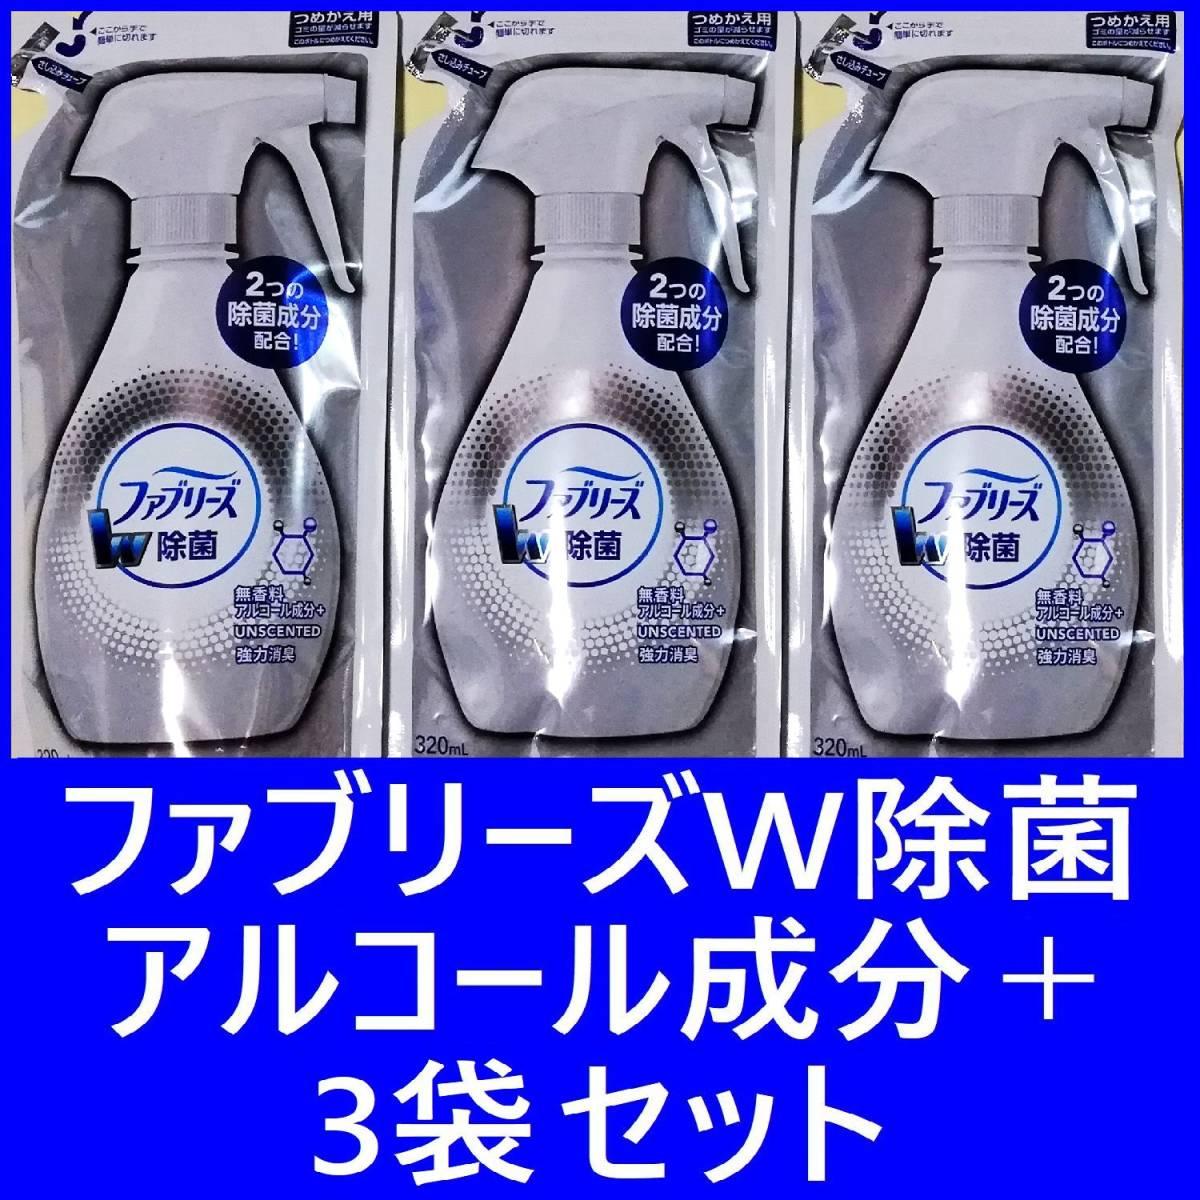 ファブリーズ W除菌 アルコール成分+ 詰め替え用 3袋セット